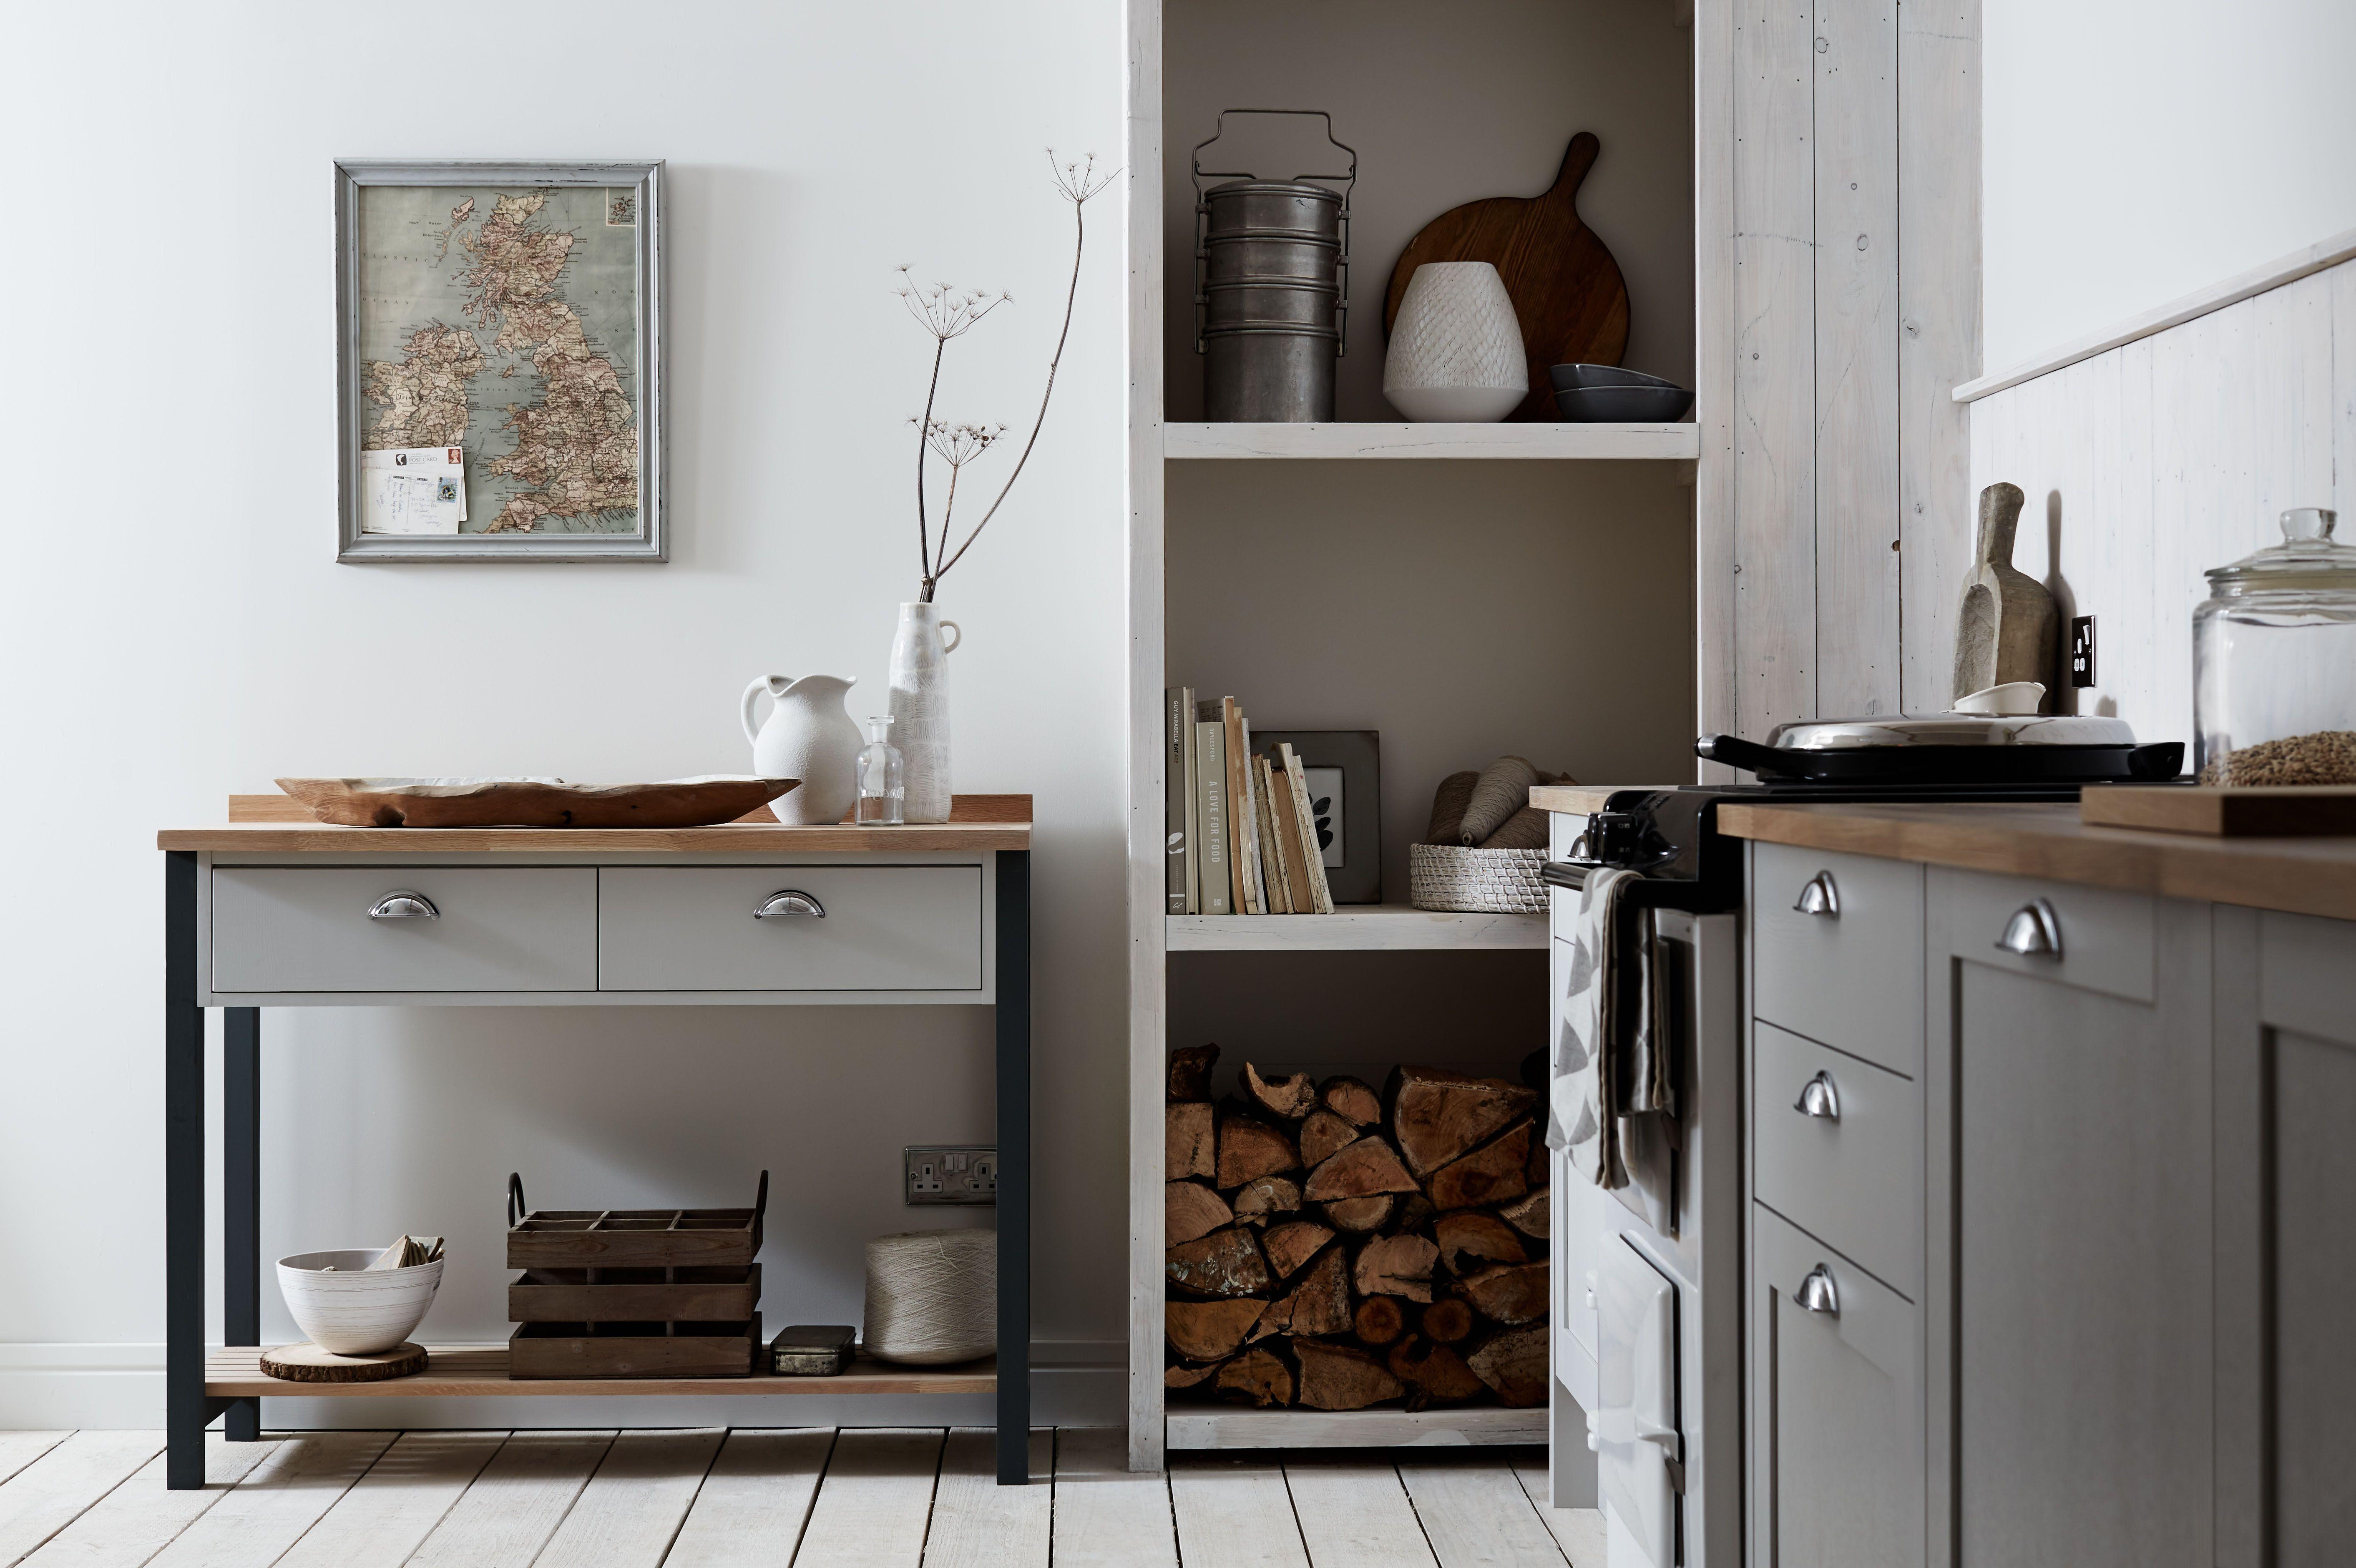 Best Kitchens Kitchen Cabinet Styles Free Kitchen Design 400 x 300